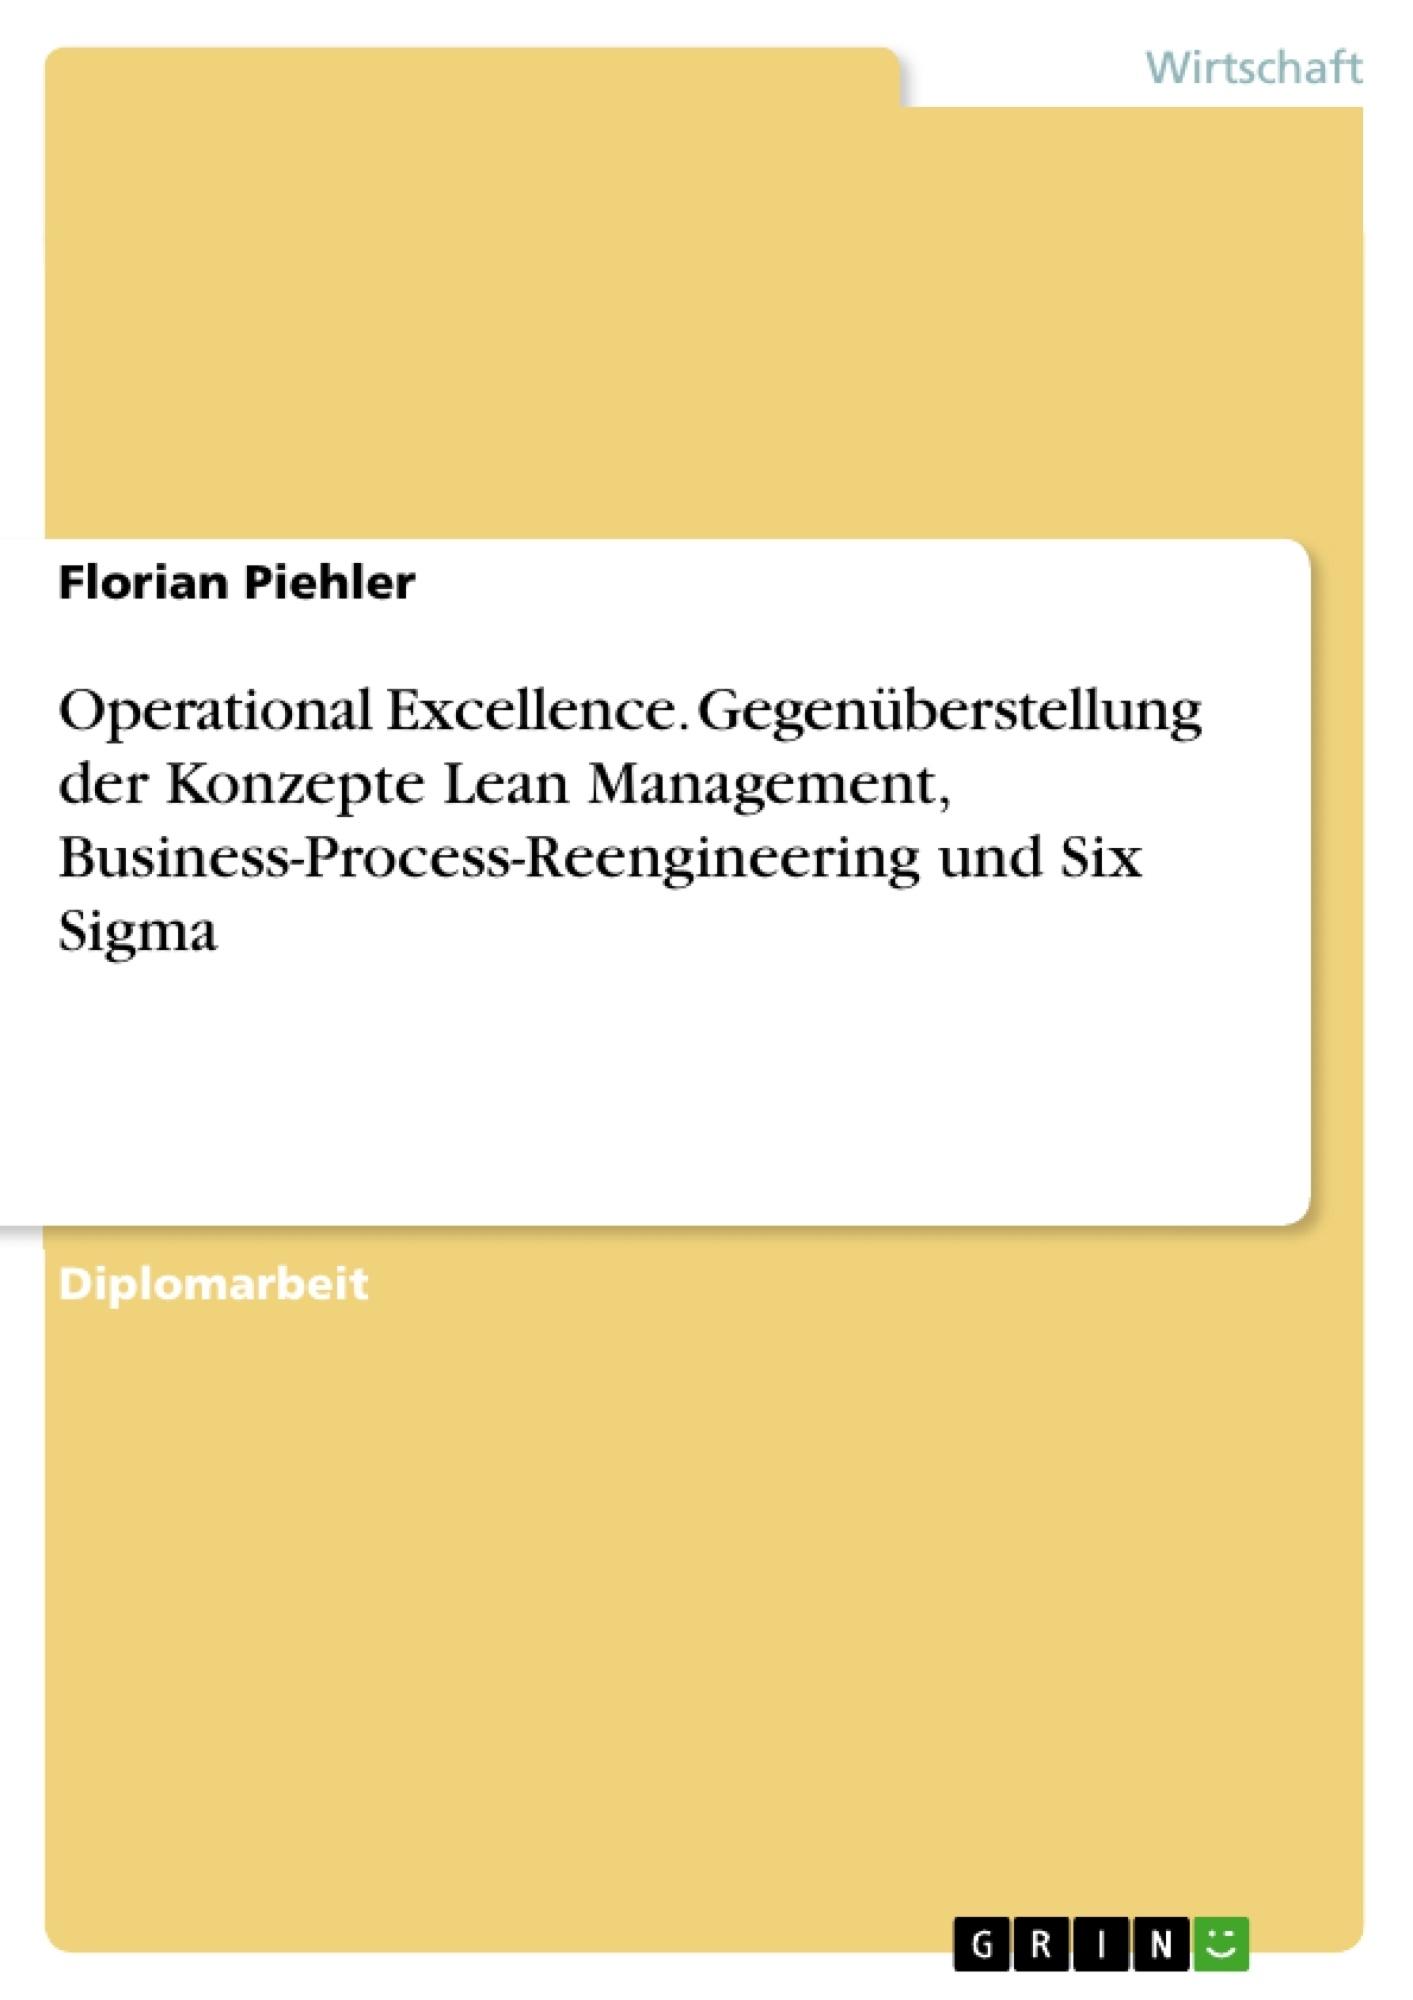 Titel: Operational Excellence. Gegenüberstellung der Konzepte Lean Management, Business-Process-Reengineering und Six Sigma